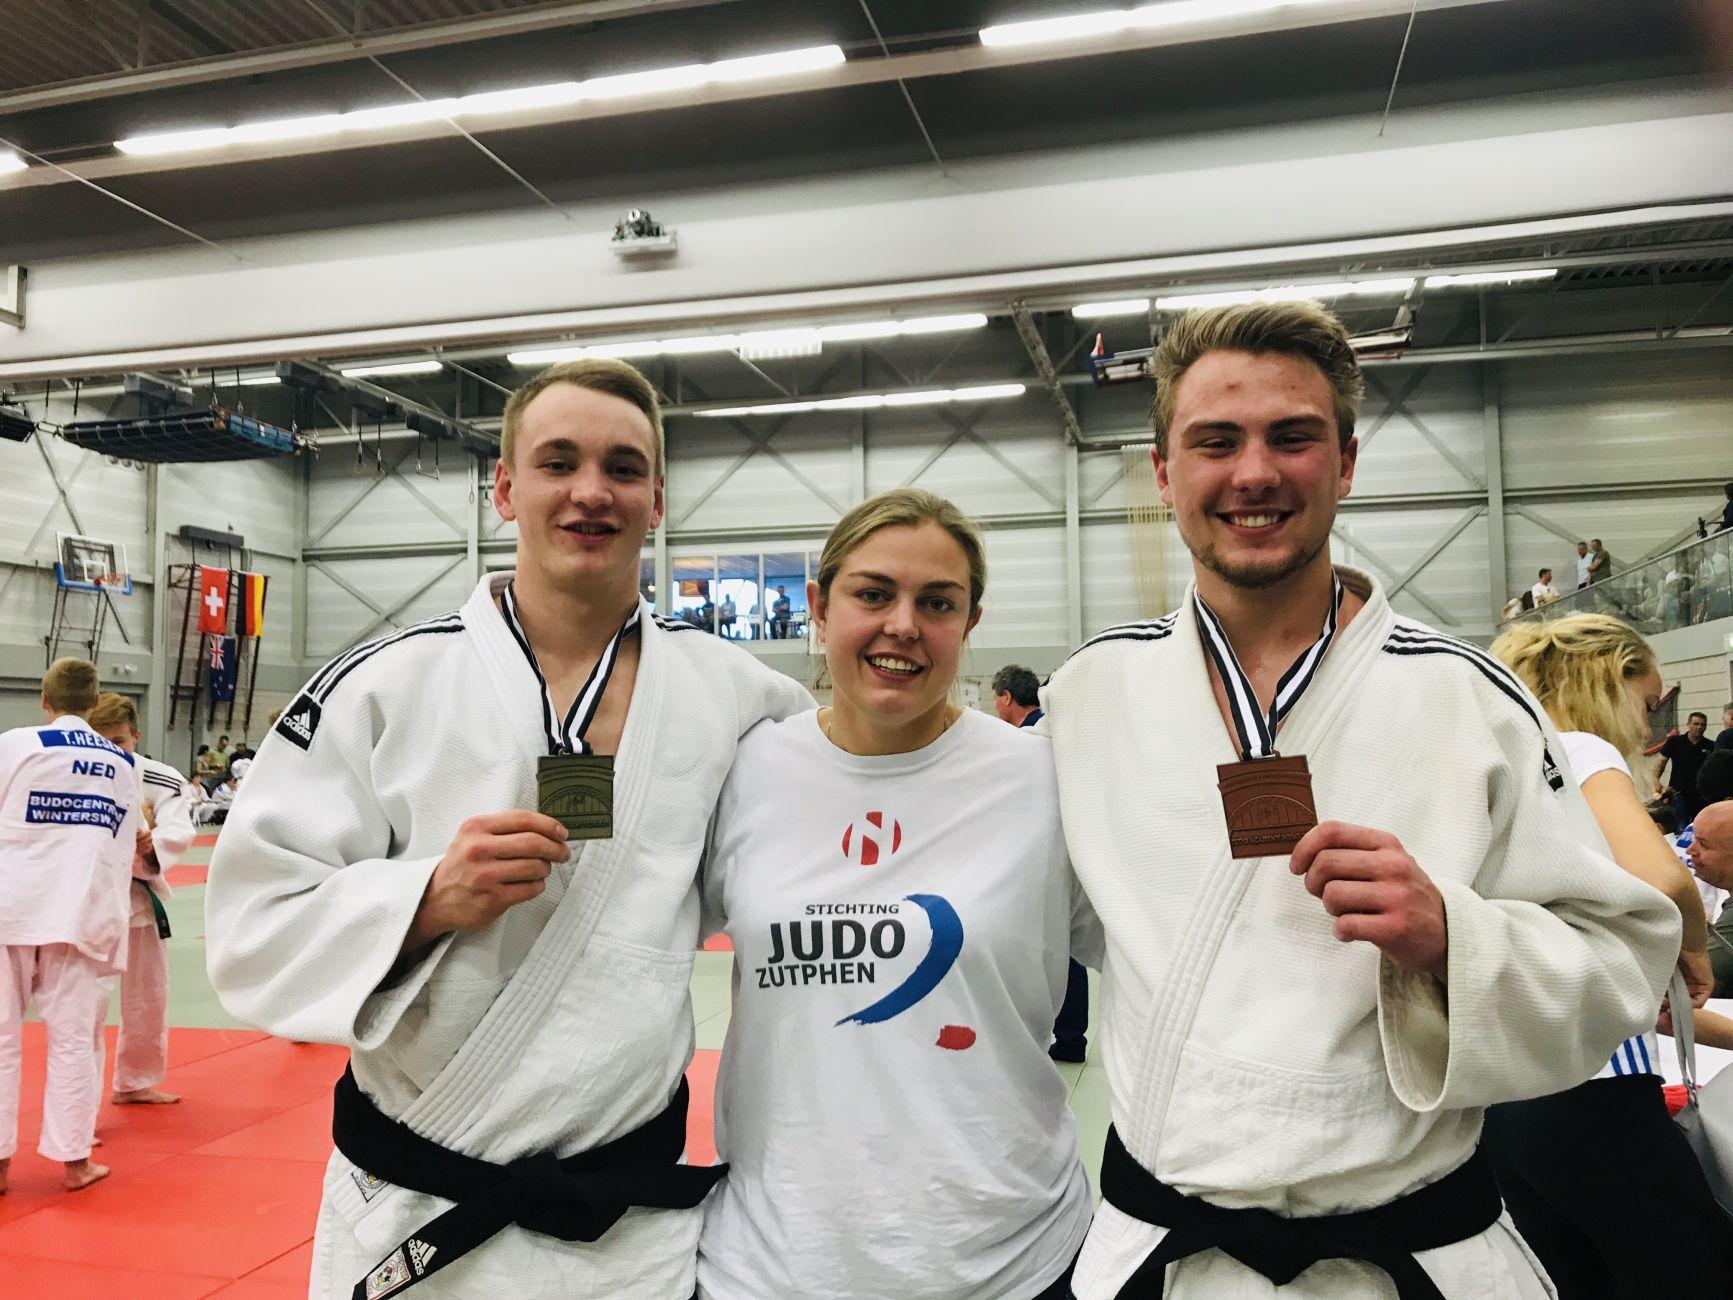 Judo Zutphen weer in de prijzen